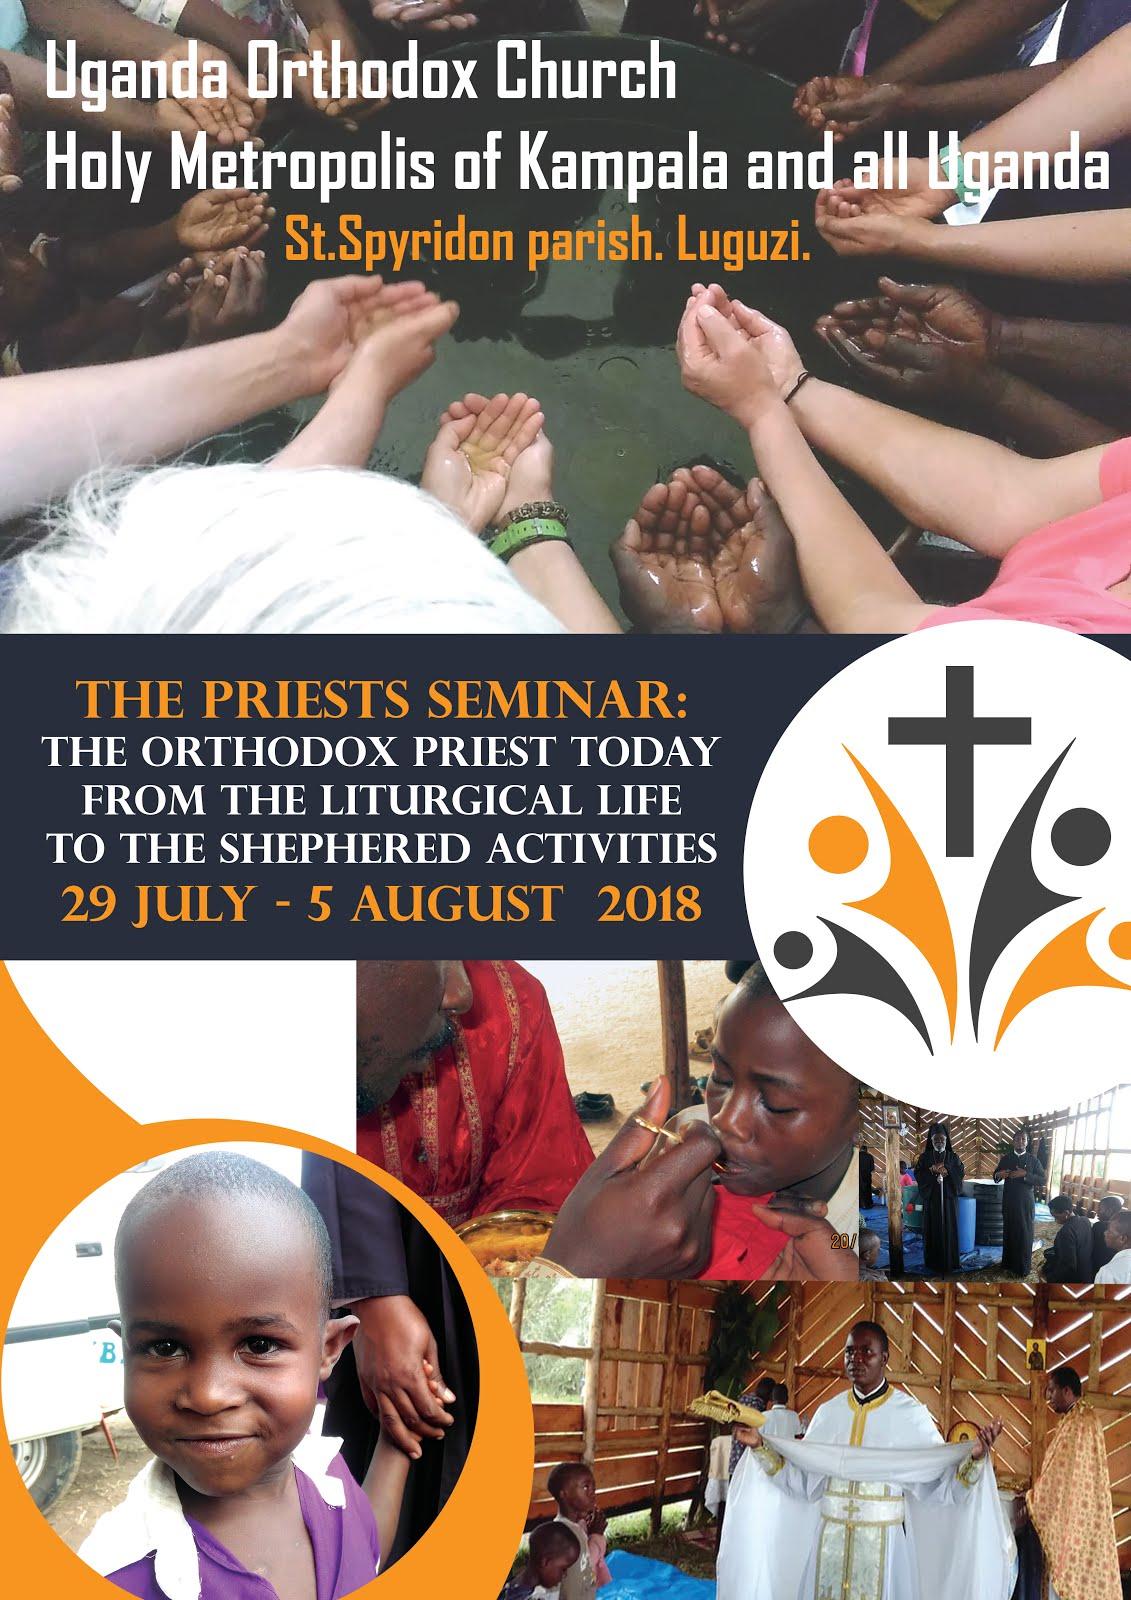 Ιερατικό σεμινάριο στον Αγιο Σπυρίδωνα στο Λουγκουζί της Ουγκάντας .